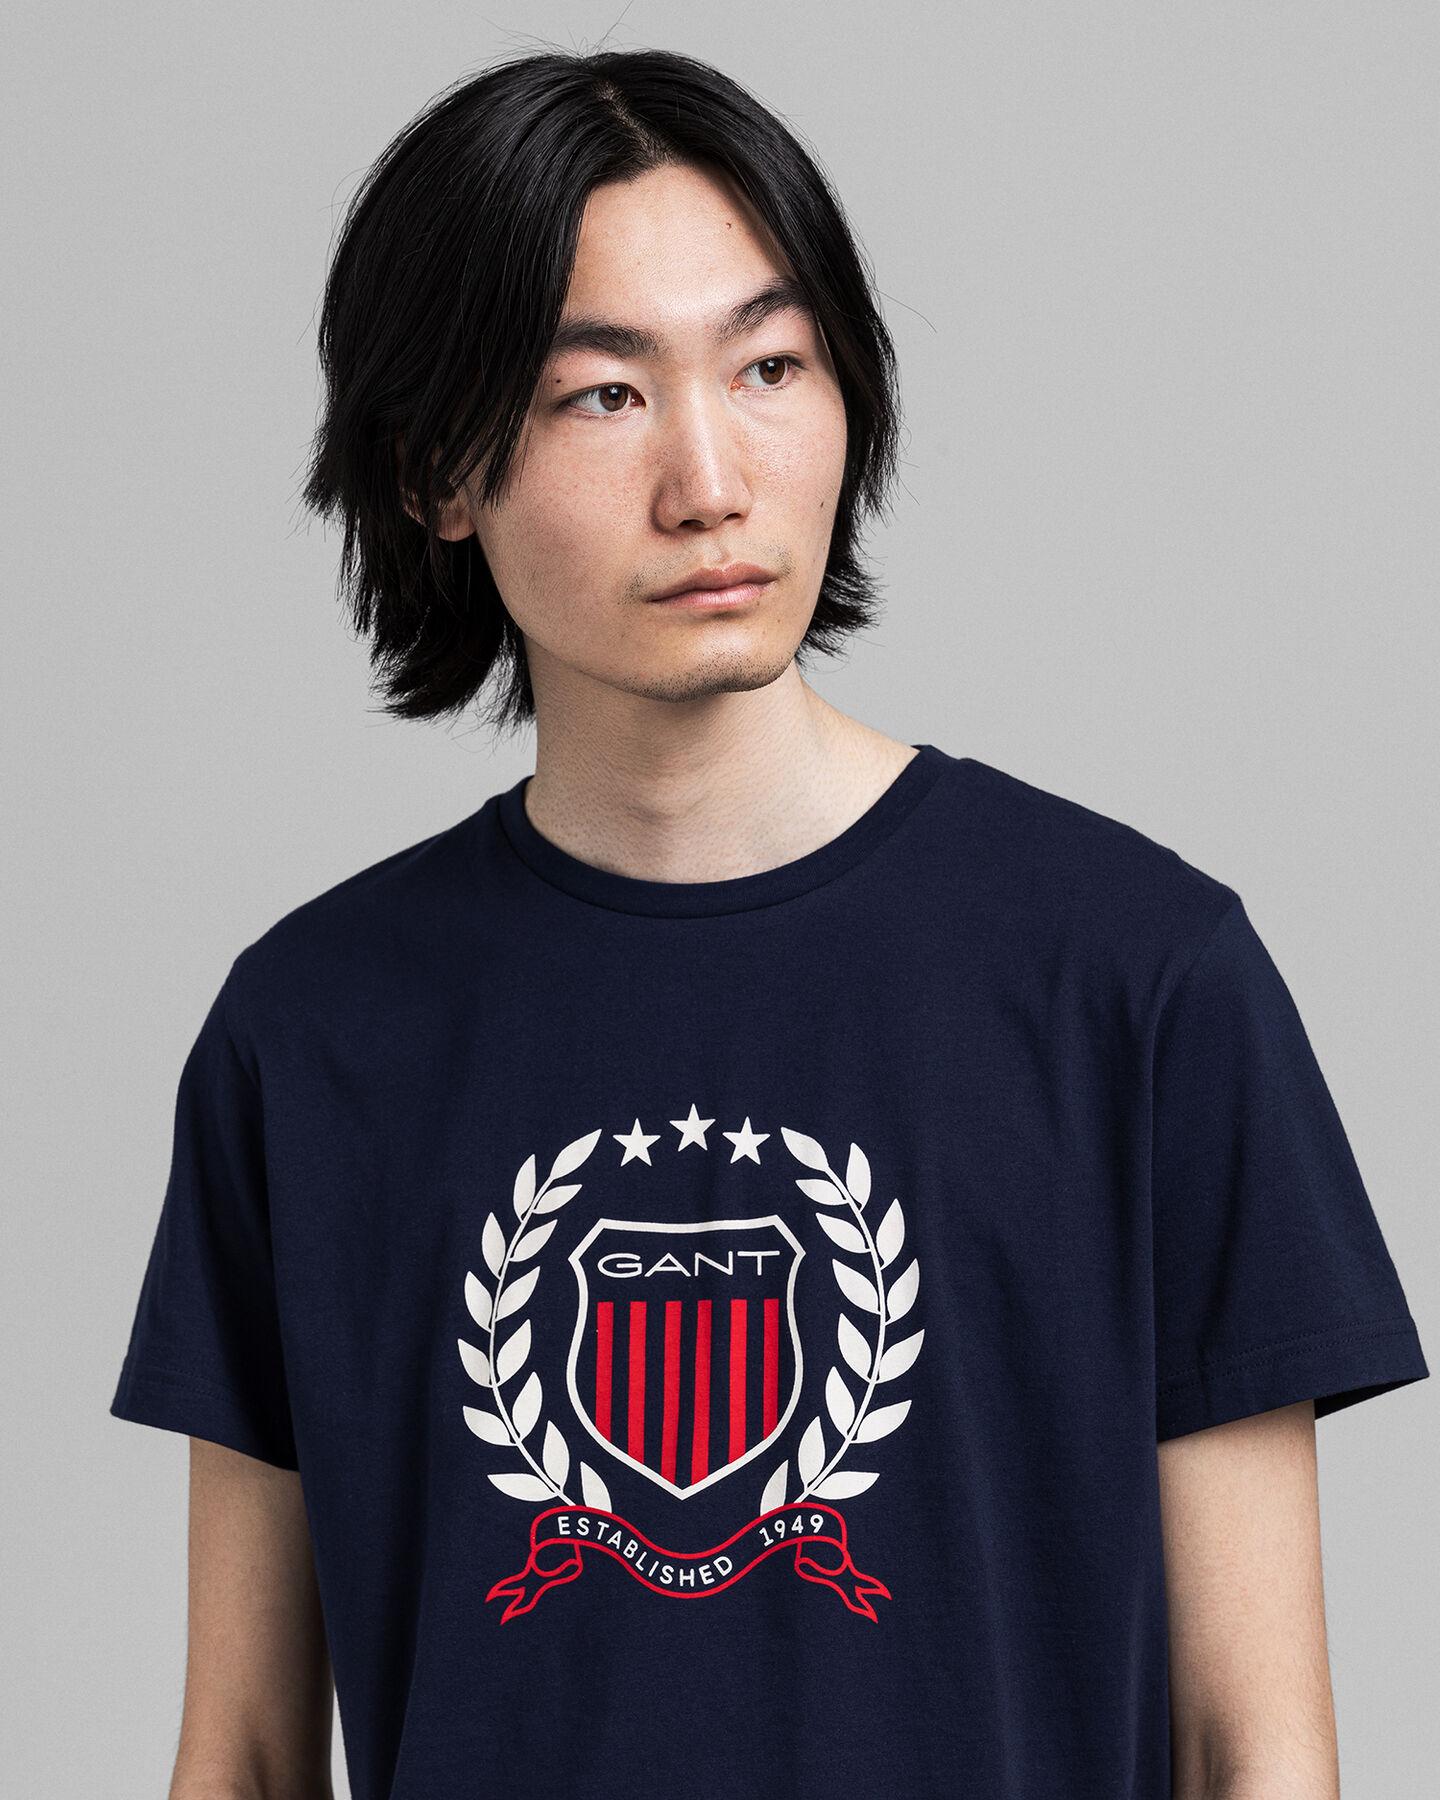 Crest T-Shirt